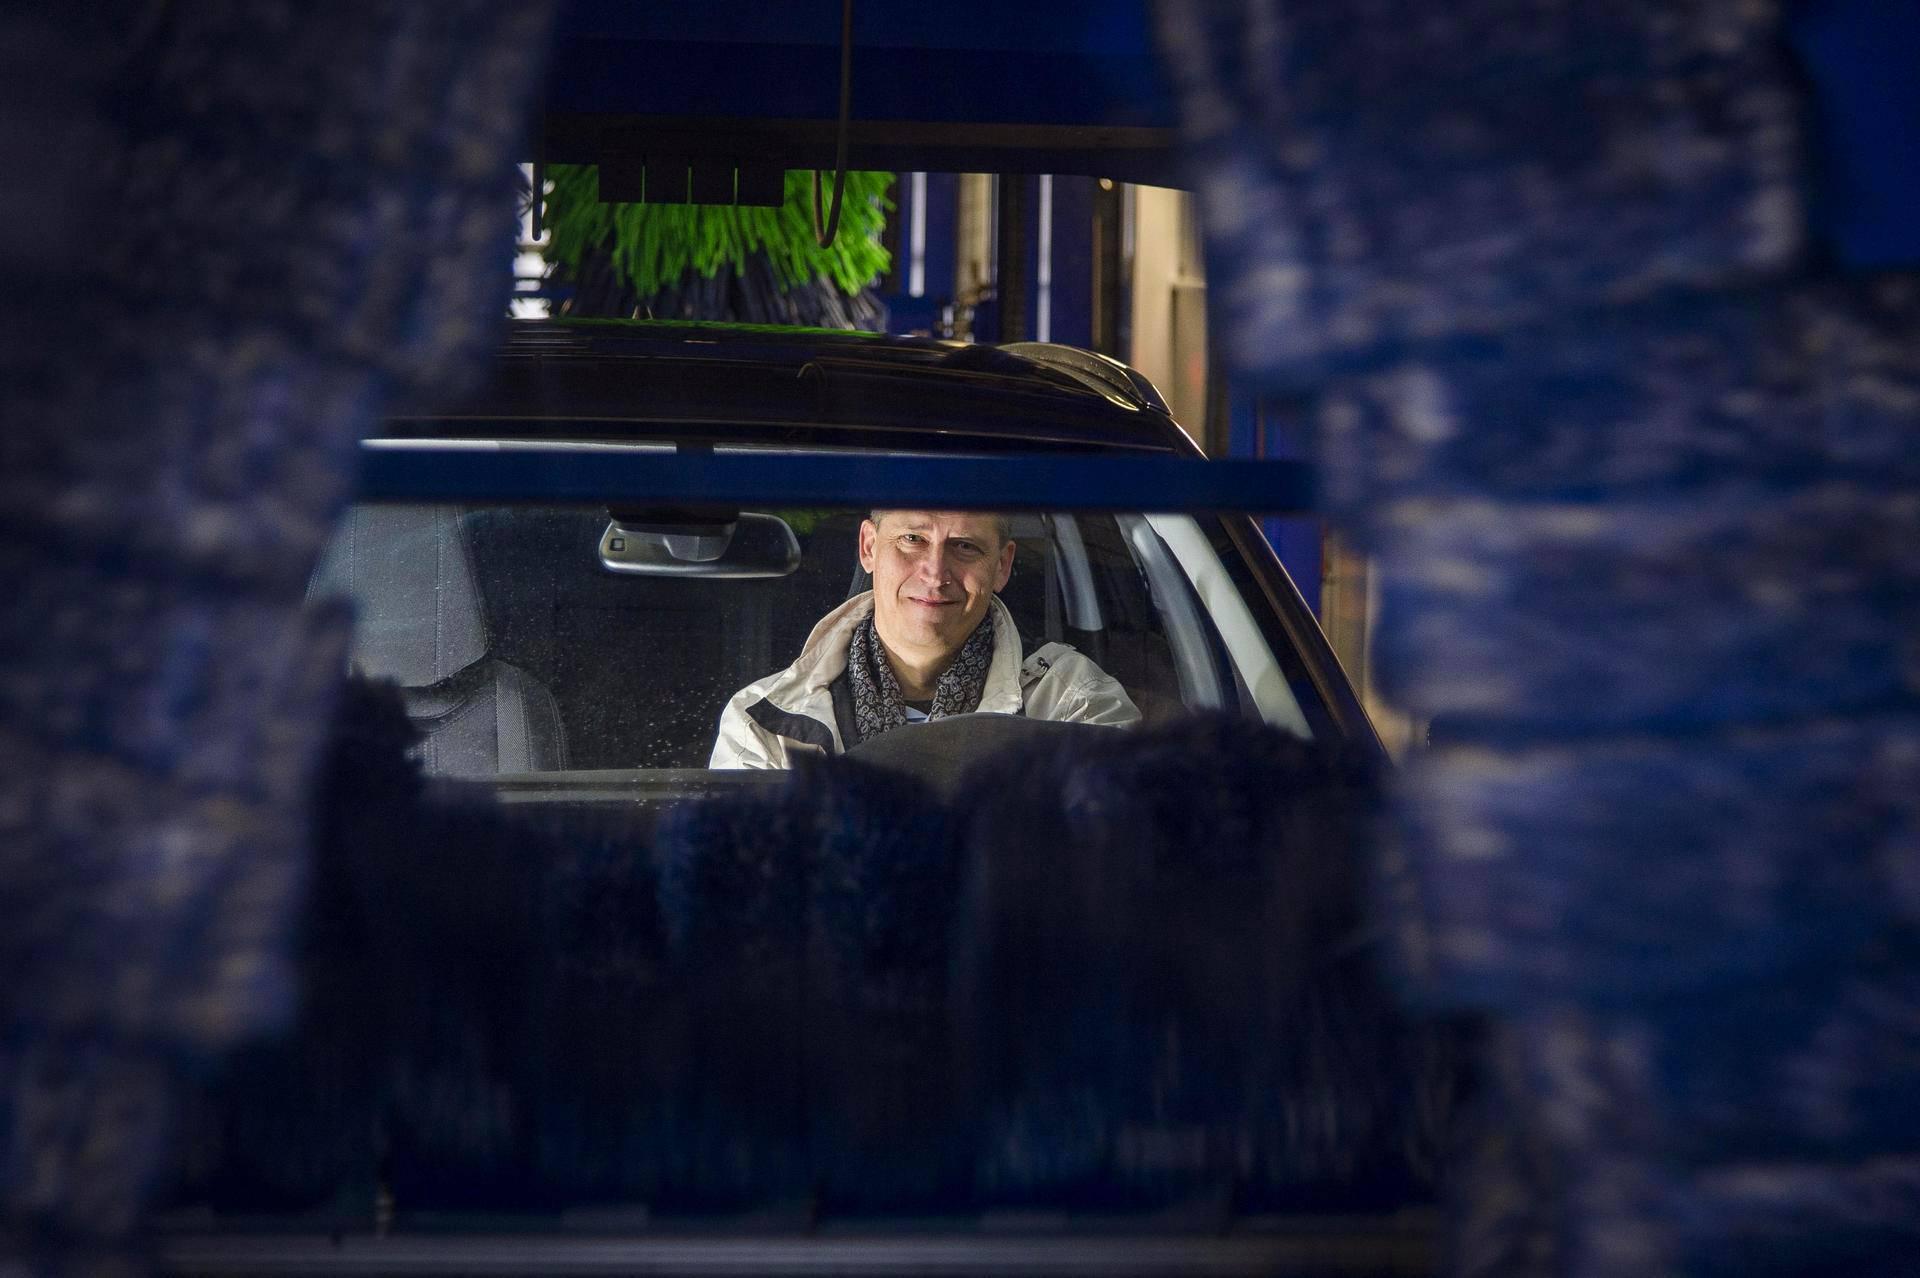 Kari Klossner ajaa jo viidennellä työsuhdeautollaan. Seuraavaksi autokseen hän harkitsee dieselin sijaan ehkä sähköautoa.